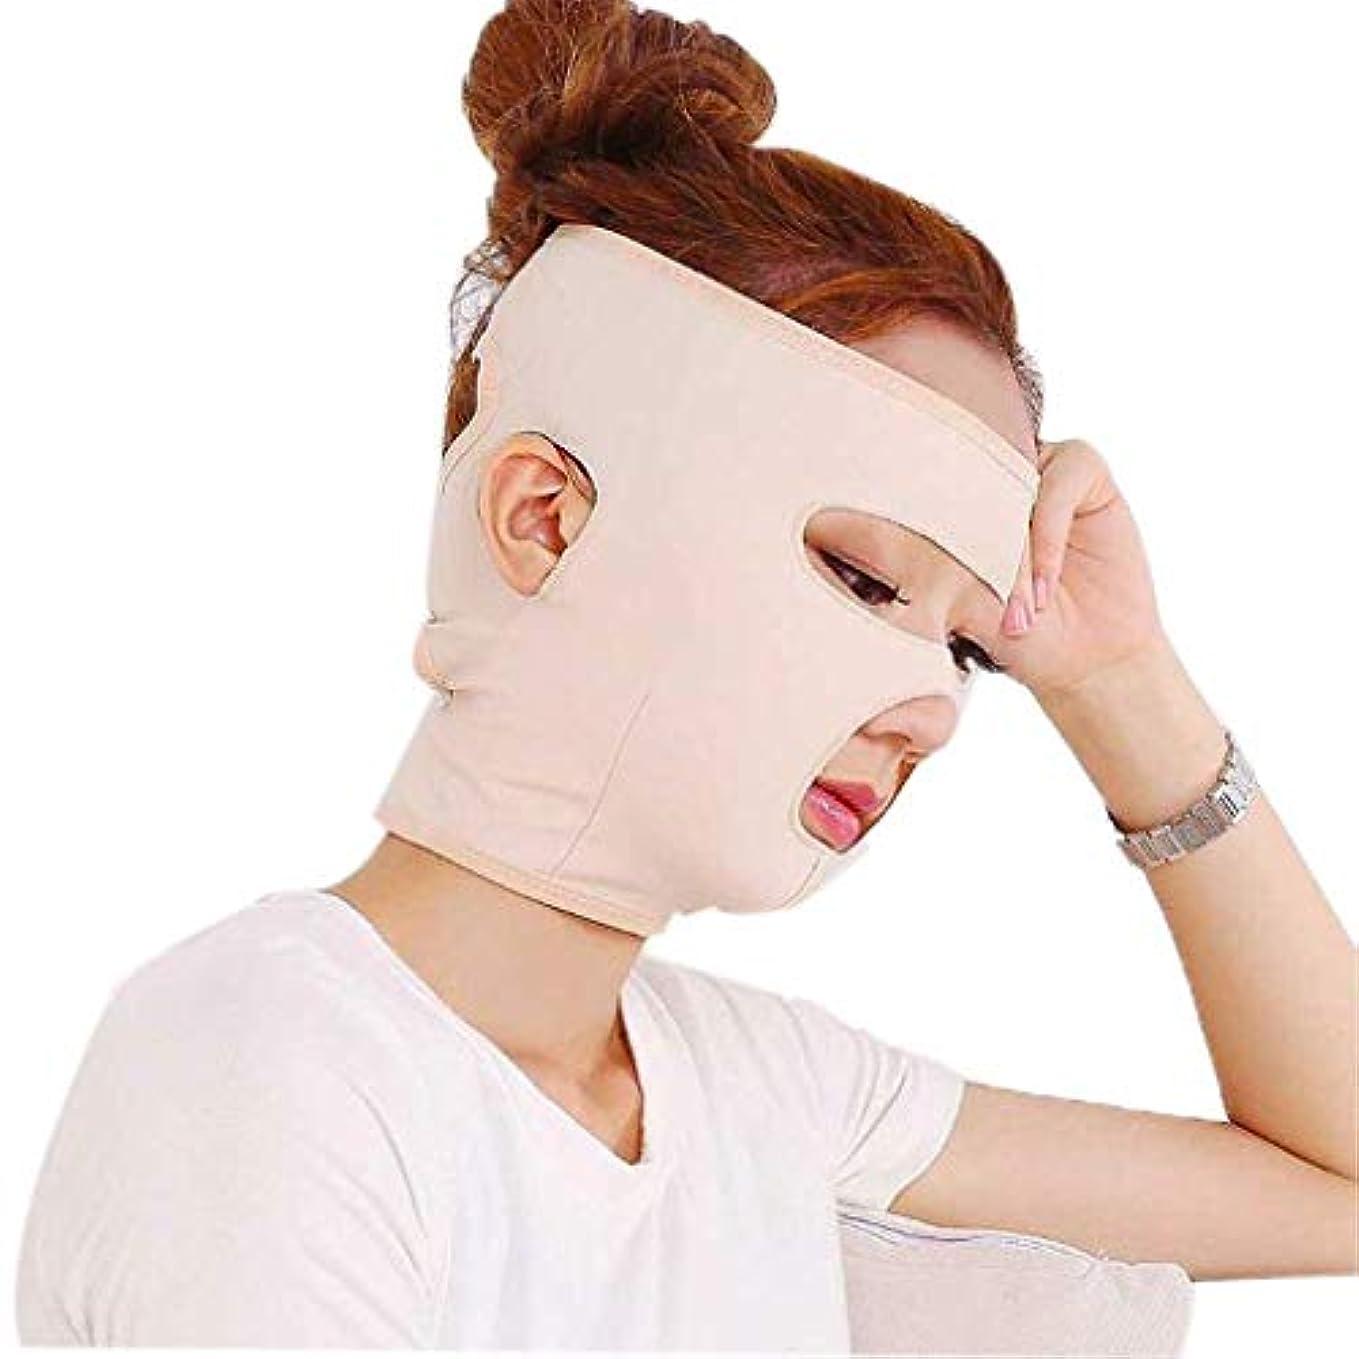 シネウィ成長する技術的なフェイスリフティングマスク、フルフェイス通気性の術後回復包帯リフティング引き締め肌の減少は、小さなVフェイスマスクを作成します(サイズ:M)